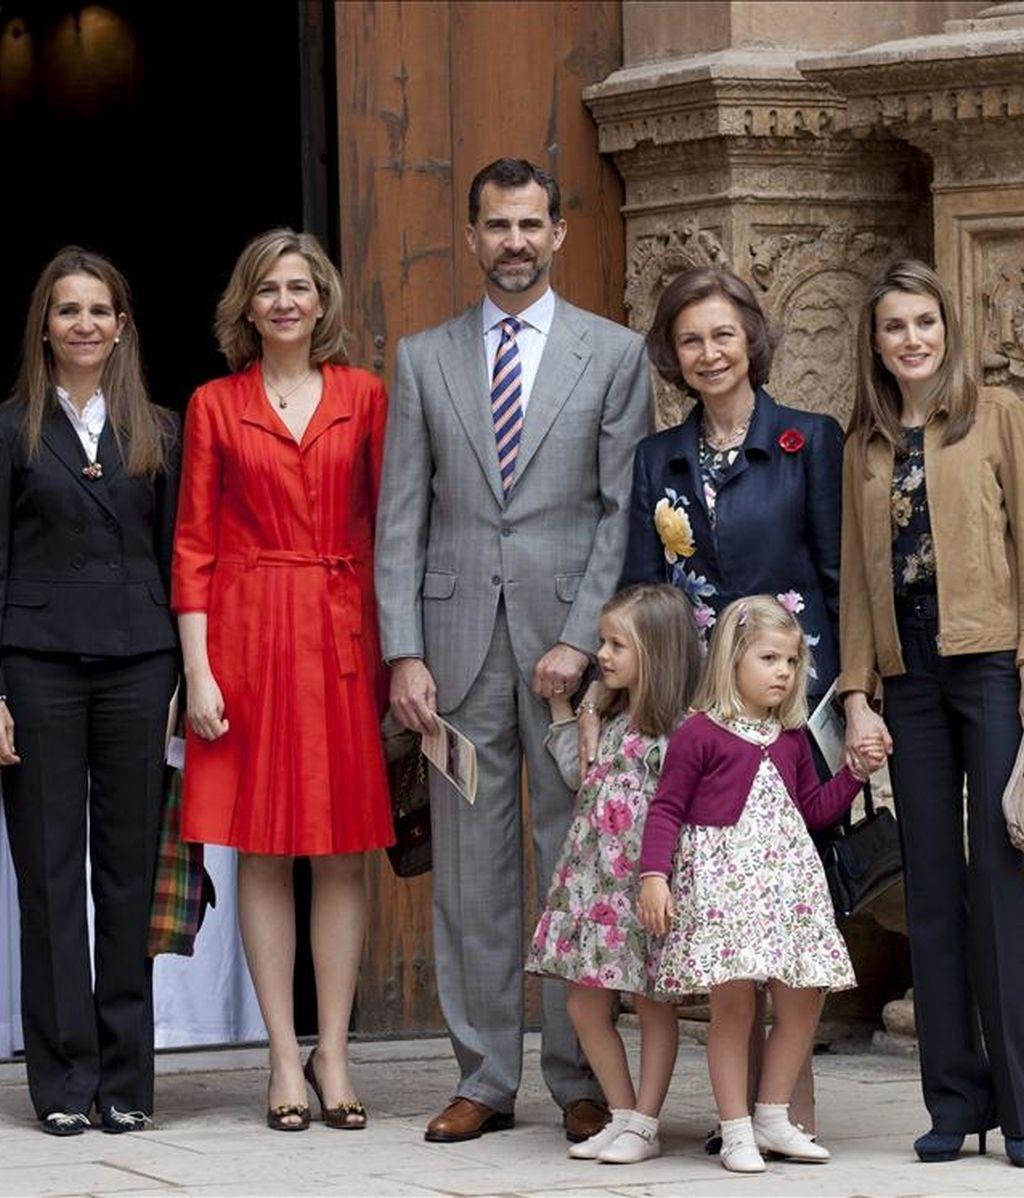 La reina Sofía, los príncipes de Asturias con sus hijas Leonor y Sofía, y las Infantas Elena y Cristina, a la salida de la misa de Domingo de Resurrección a la que han acudido esta mañana en la Catedral de Mallorca. EFE